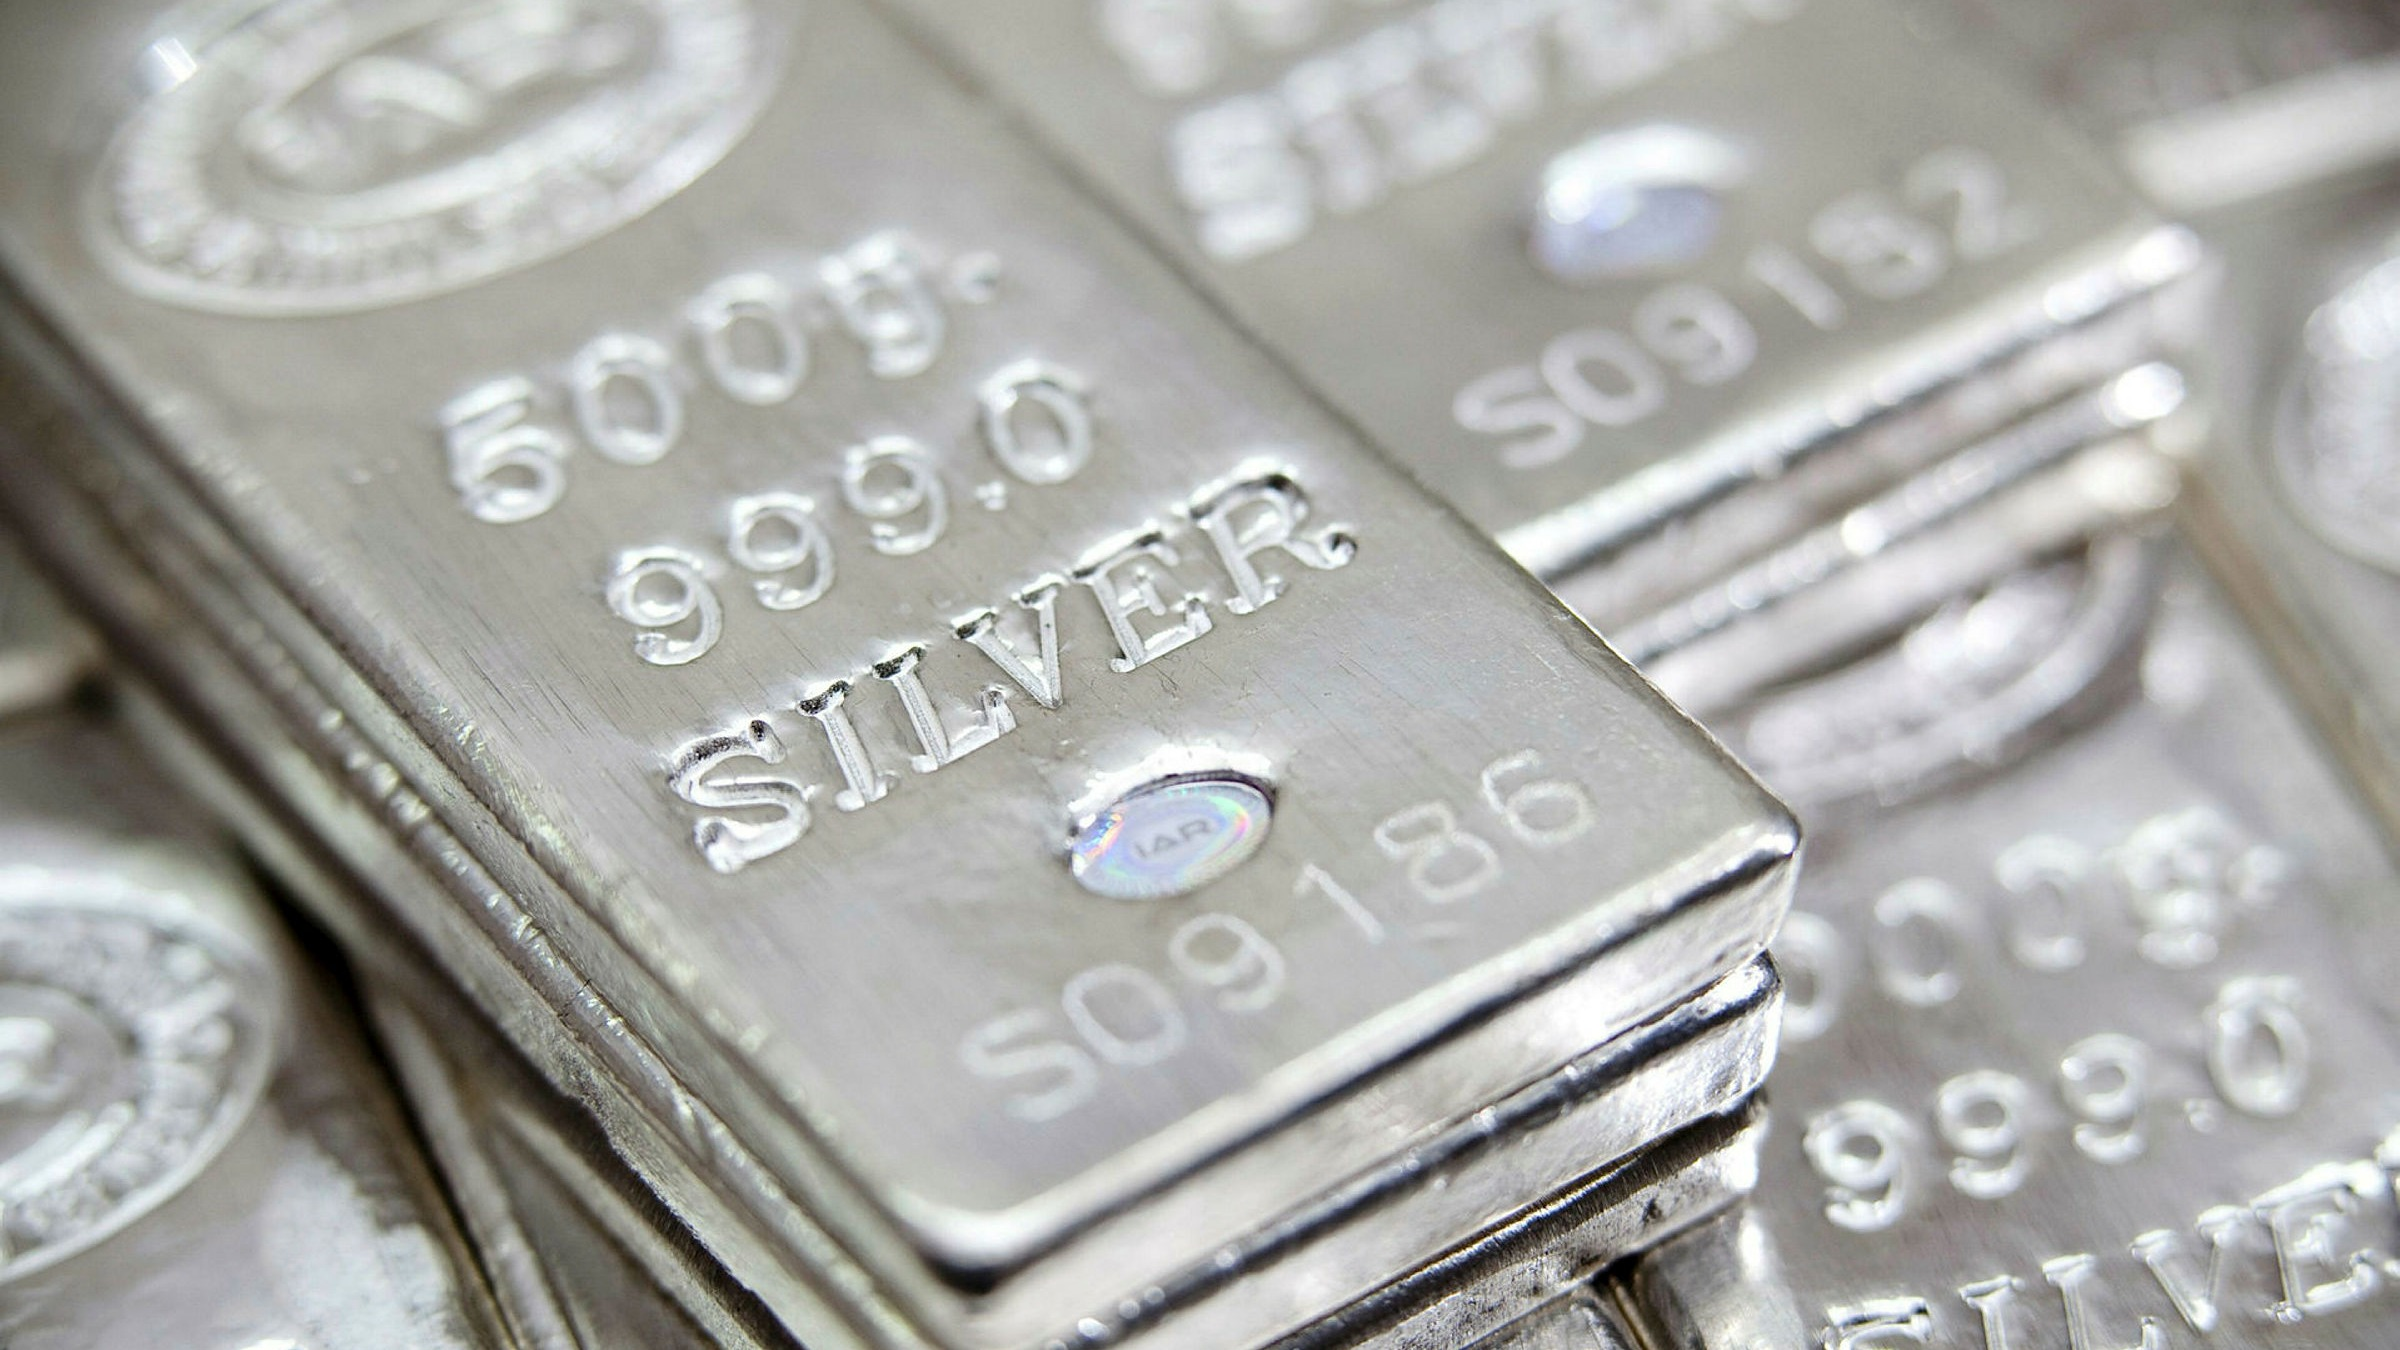 Bản tin thị trường kim loại ngày 27/8: Giá bạc bất ngờ đảo chiều tăng trở lại  - Ảnh 1.